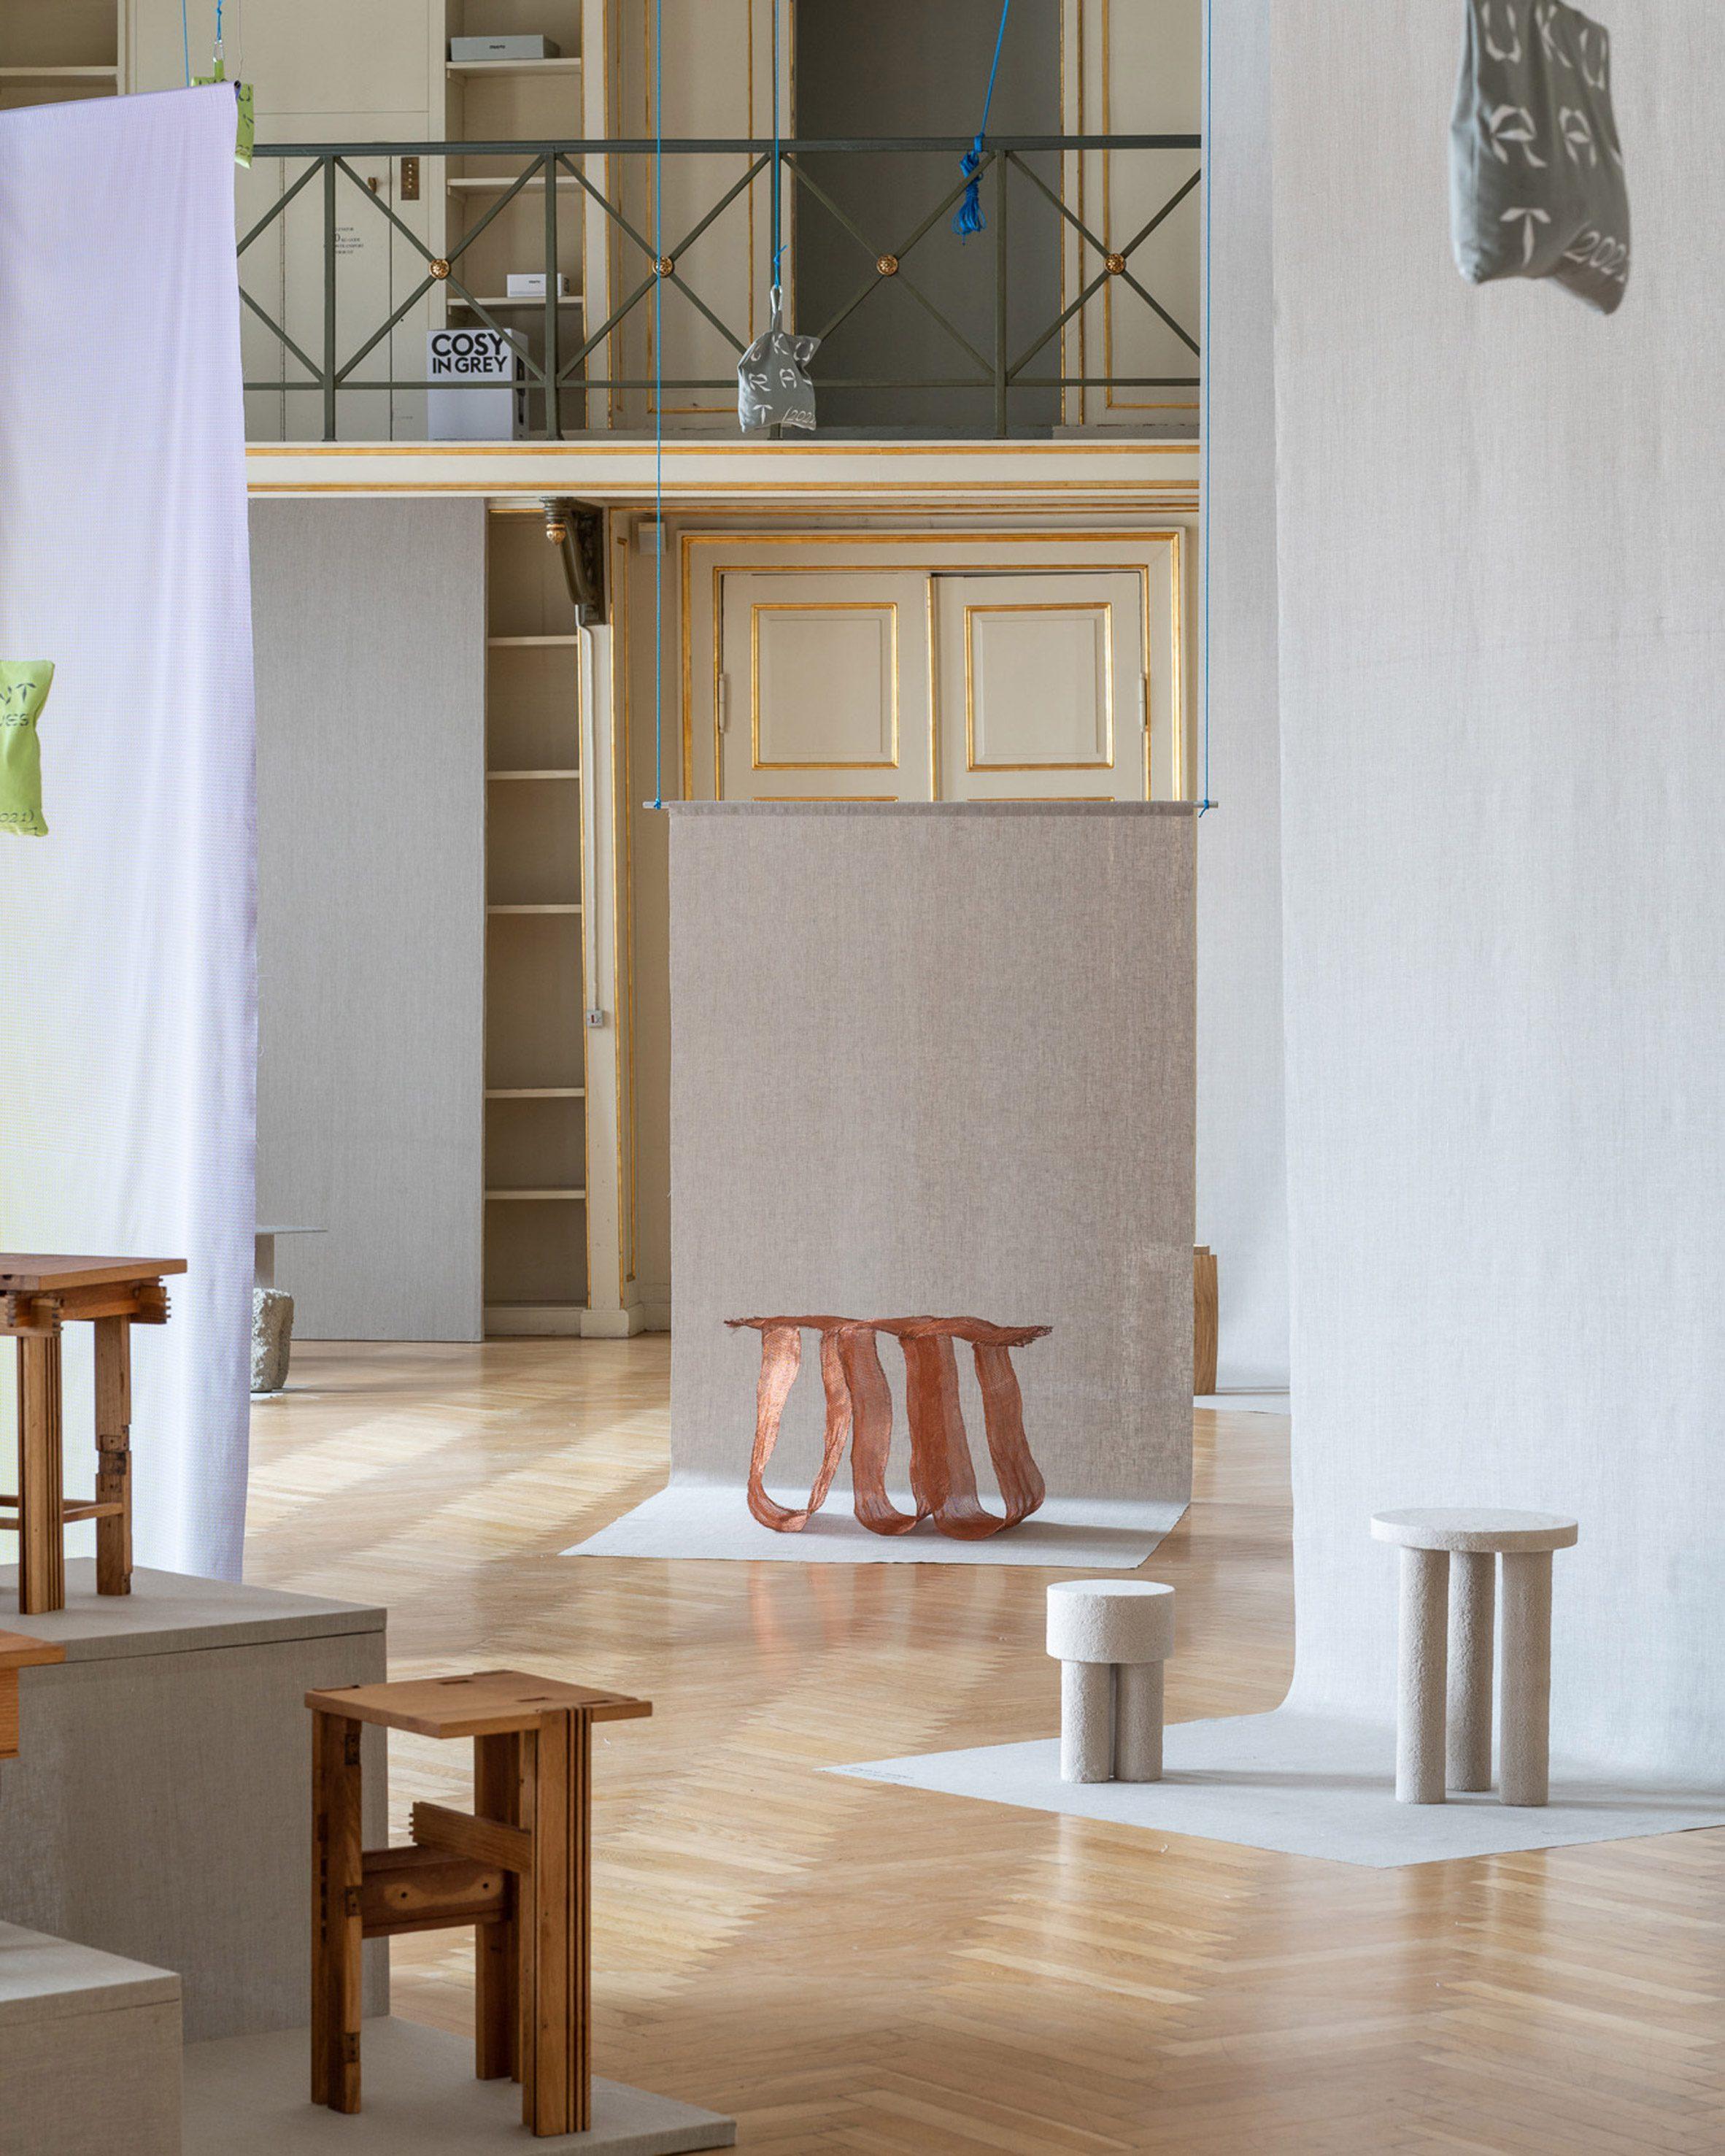 3 Days of Design exhibition